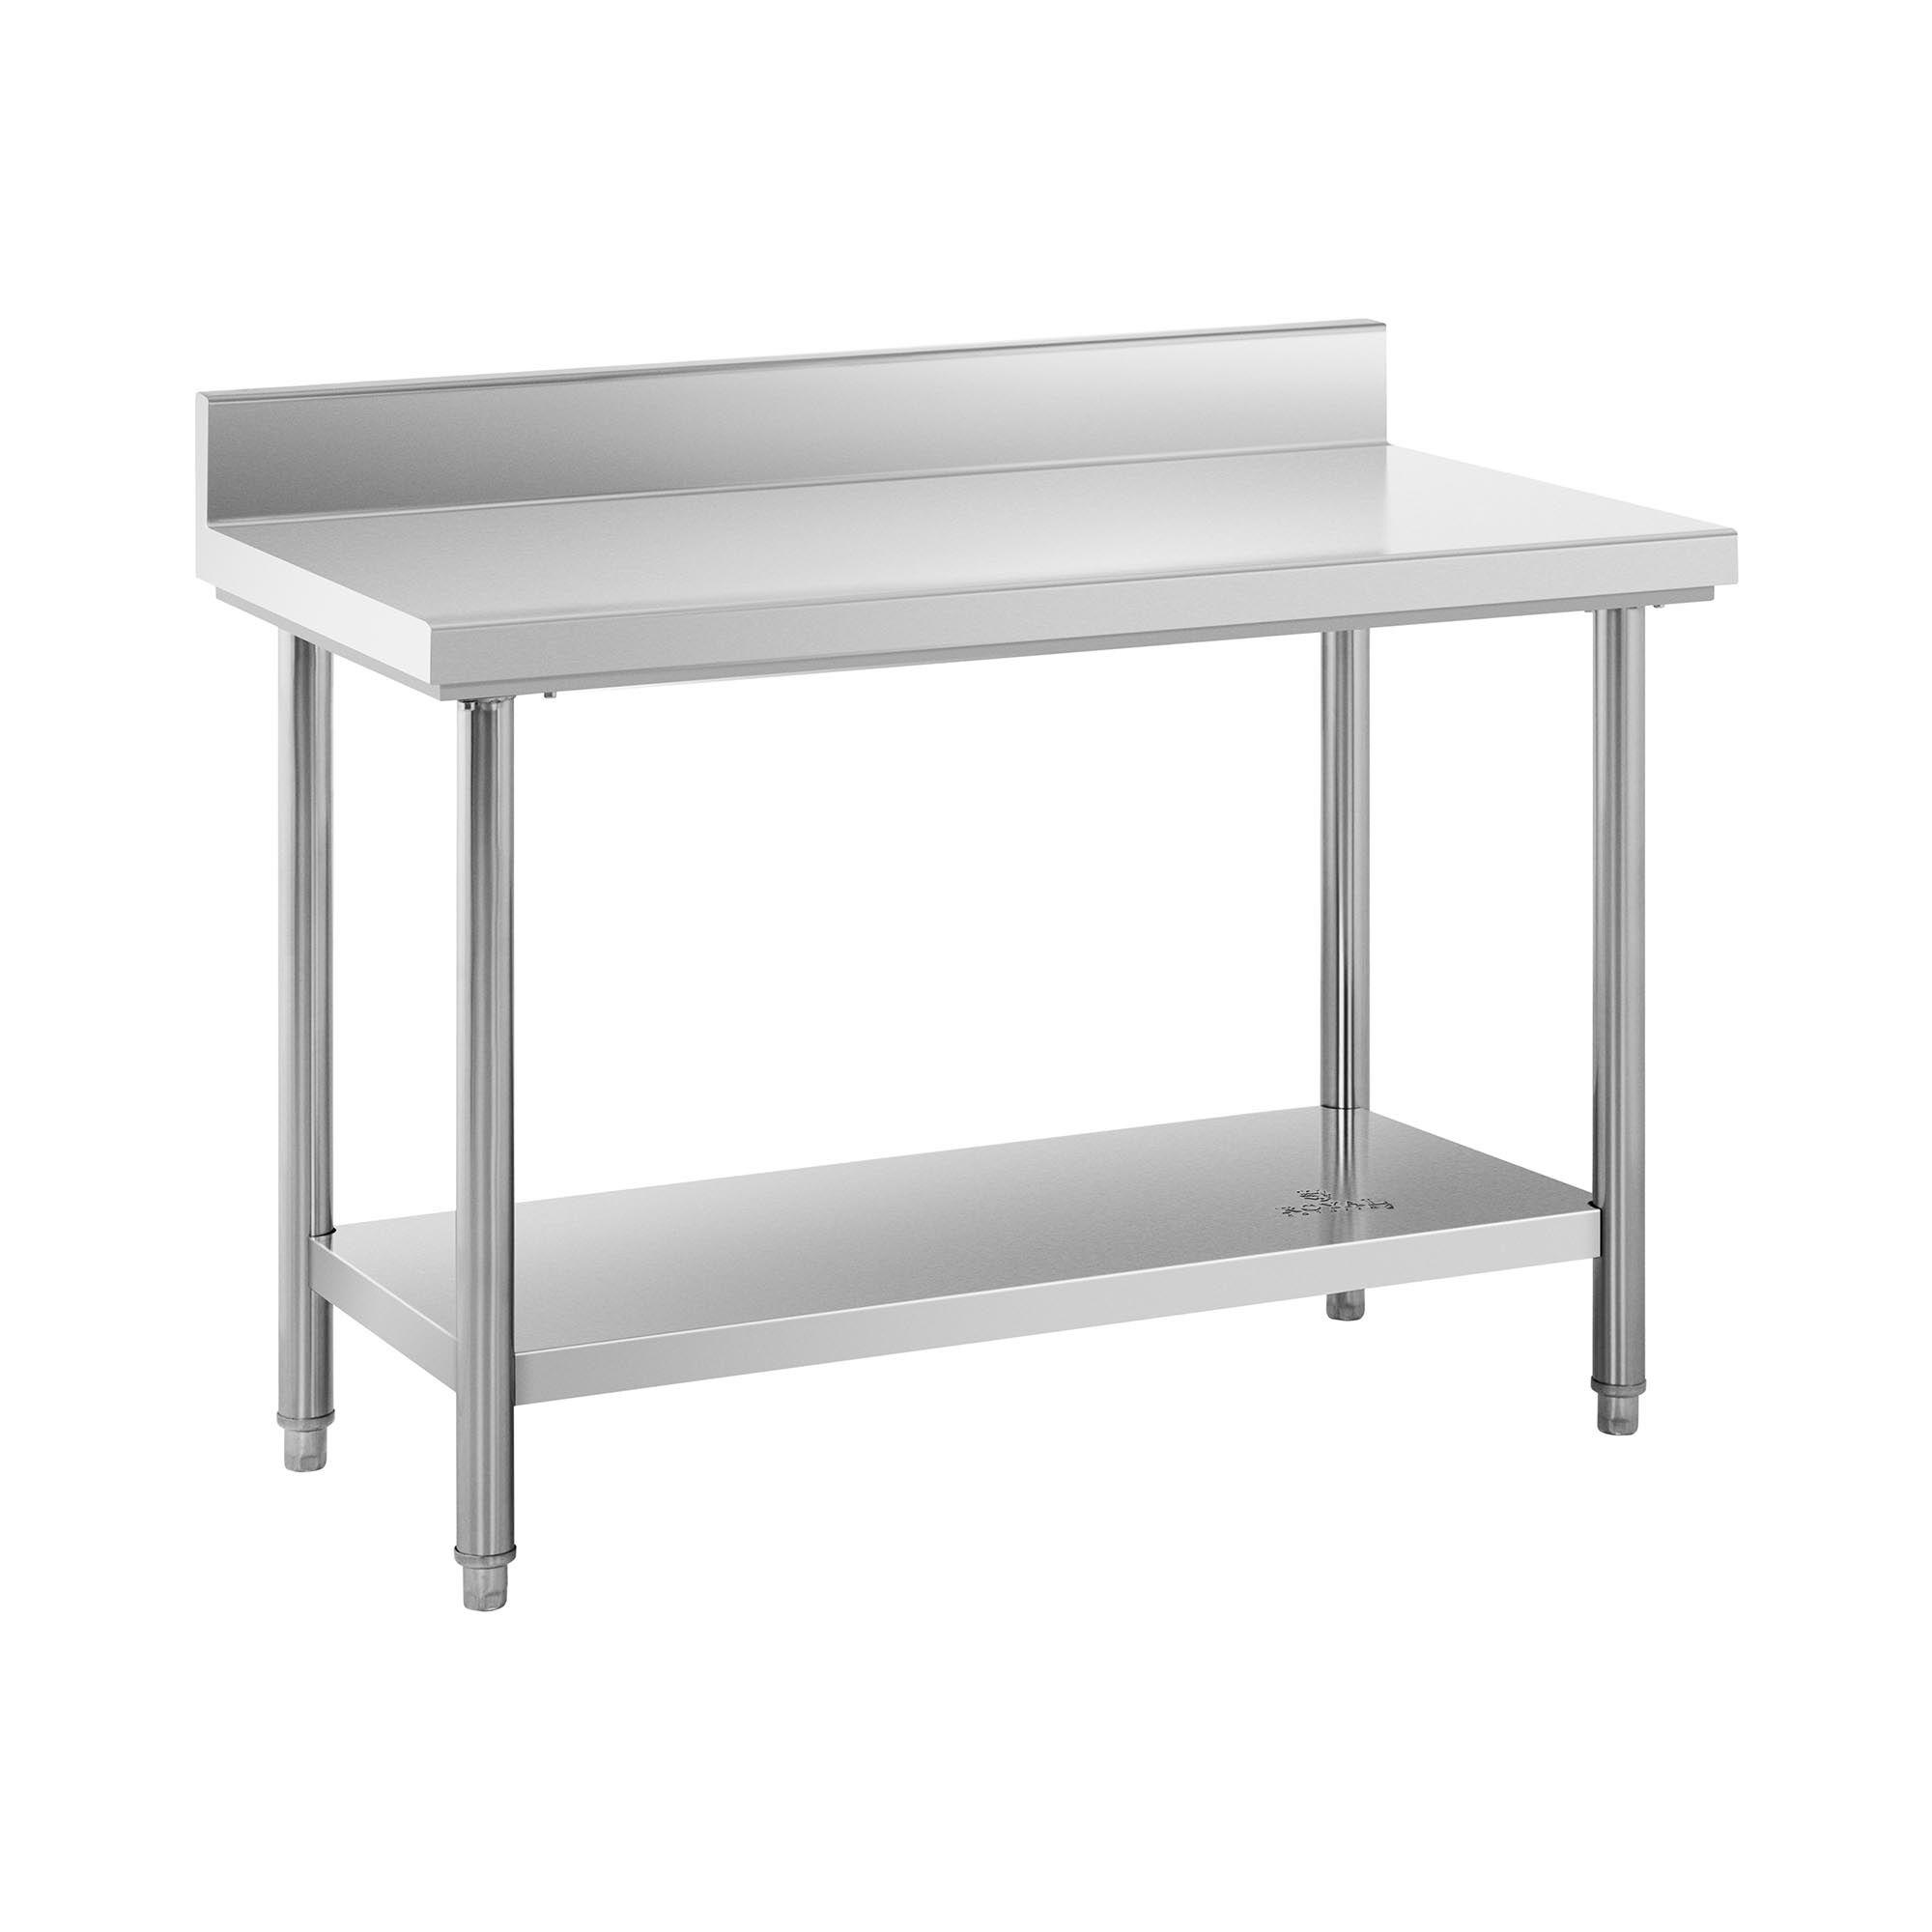 Royal Catering Table de travail inox avec dosseret - 120 x 60 cm - Capacité de 110 kg